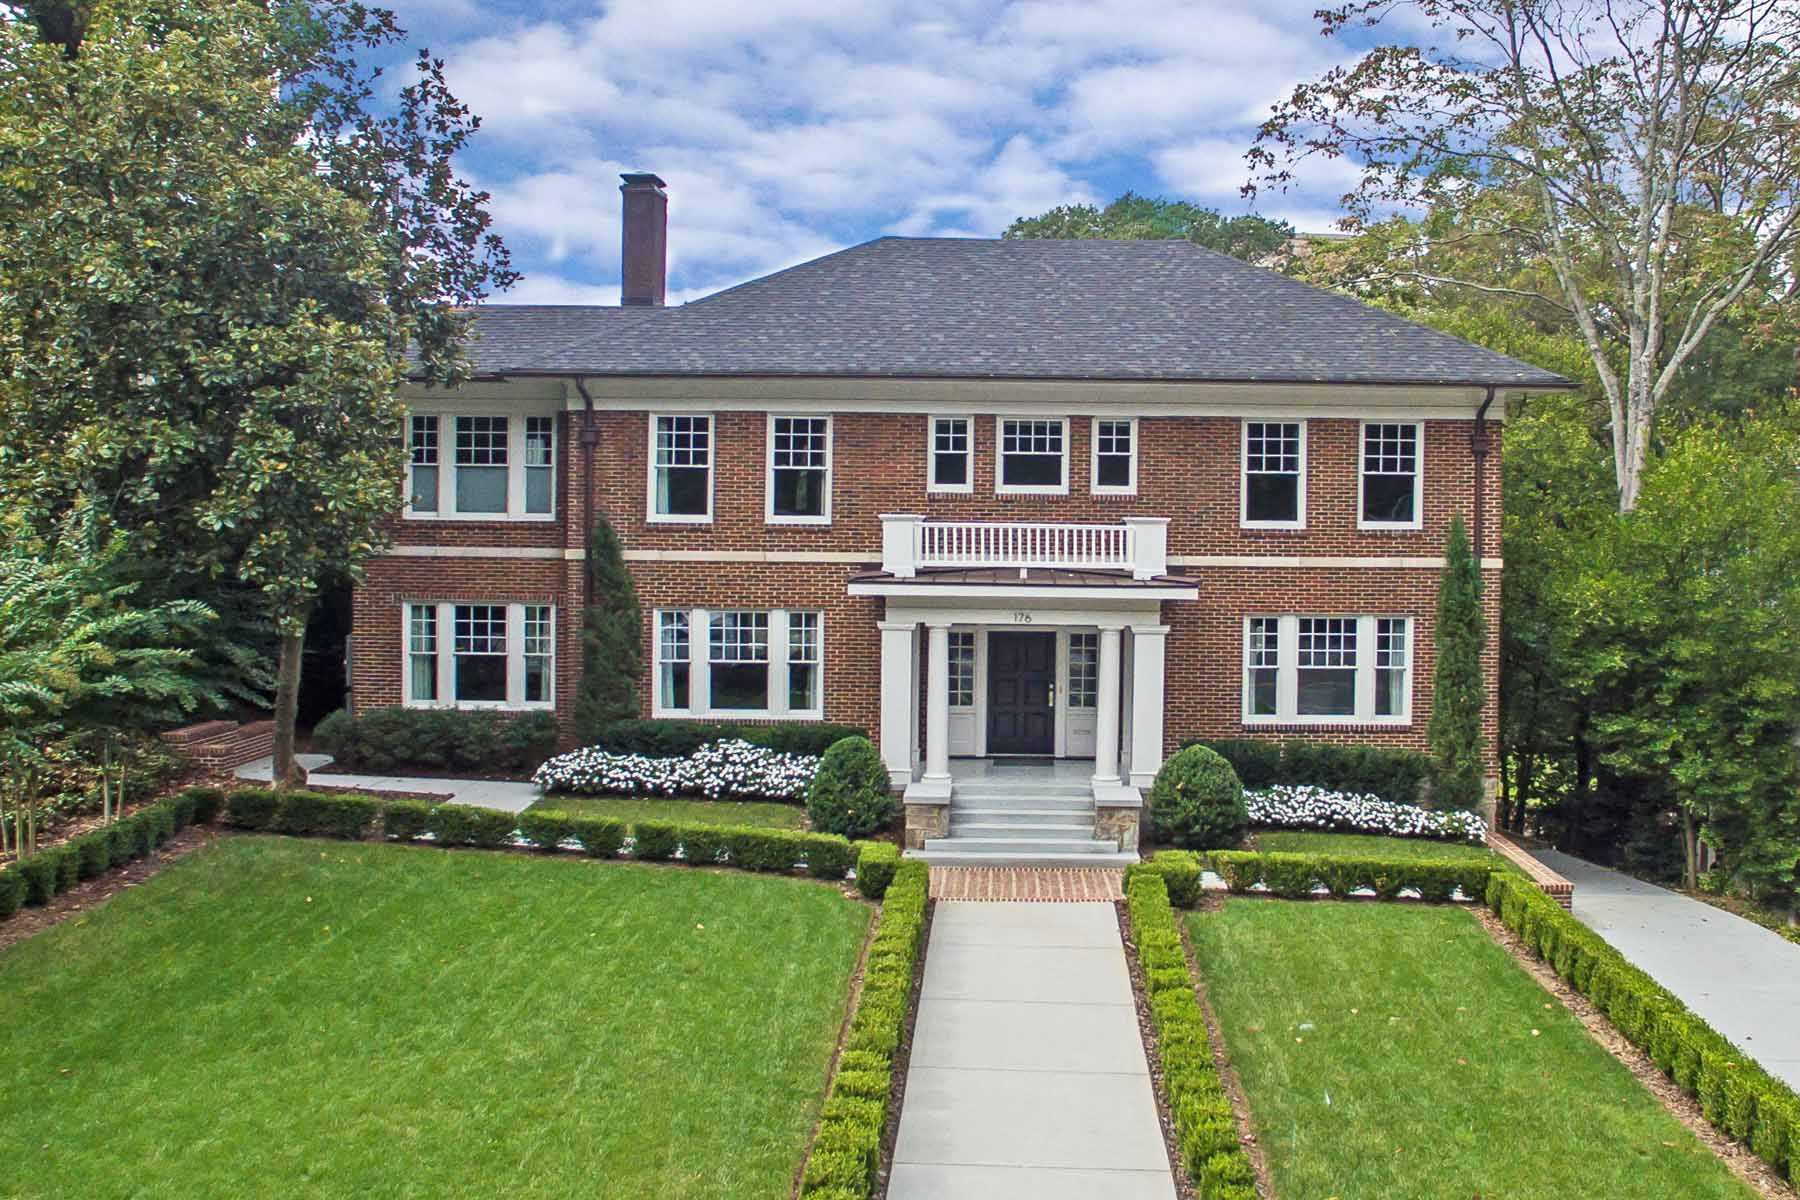 Maison unifamiliale pour l Vente à Stylish total renovation of an Ansley Park Classic! 176 Peachtree Circle NE Ansley Park, Atlanta, Georgia 30309 États-Unis